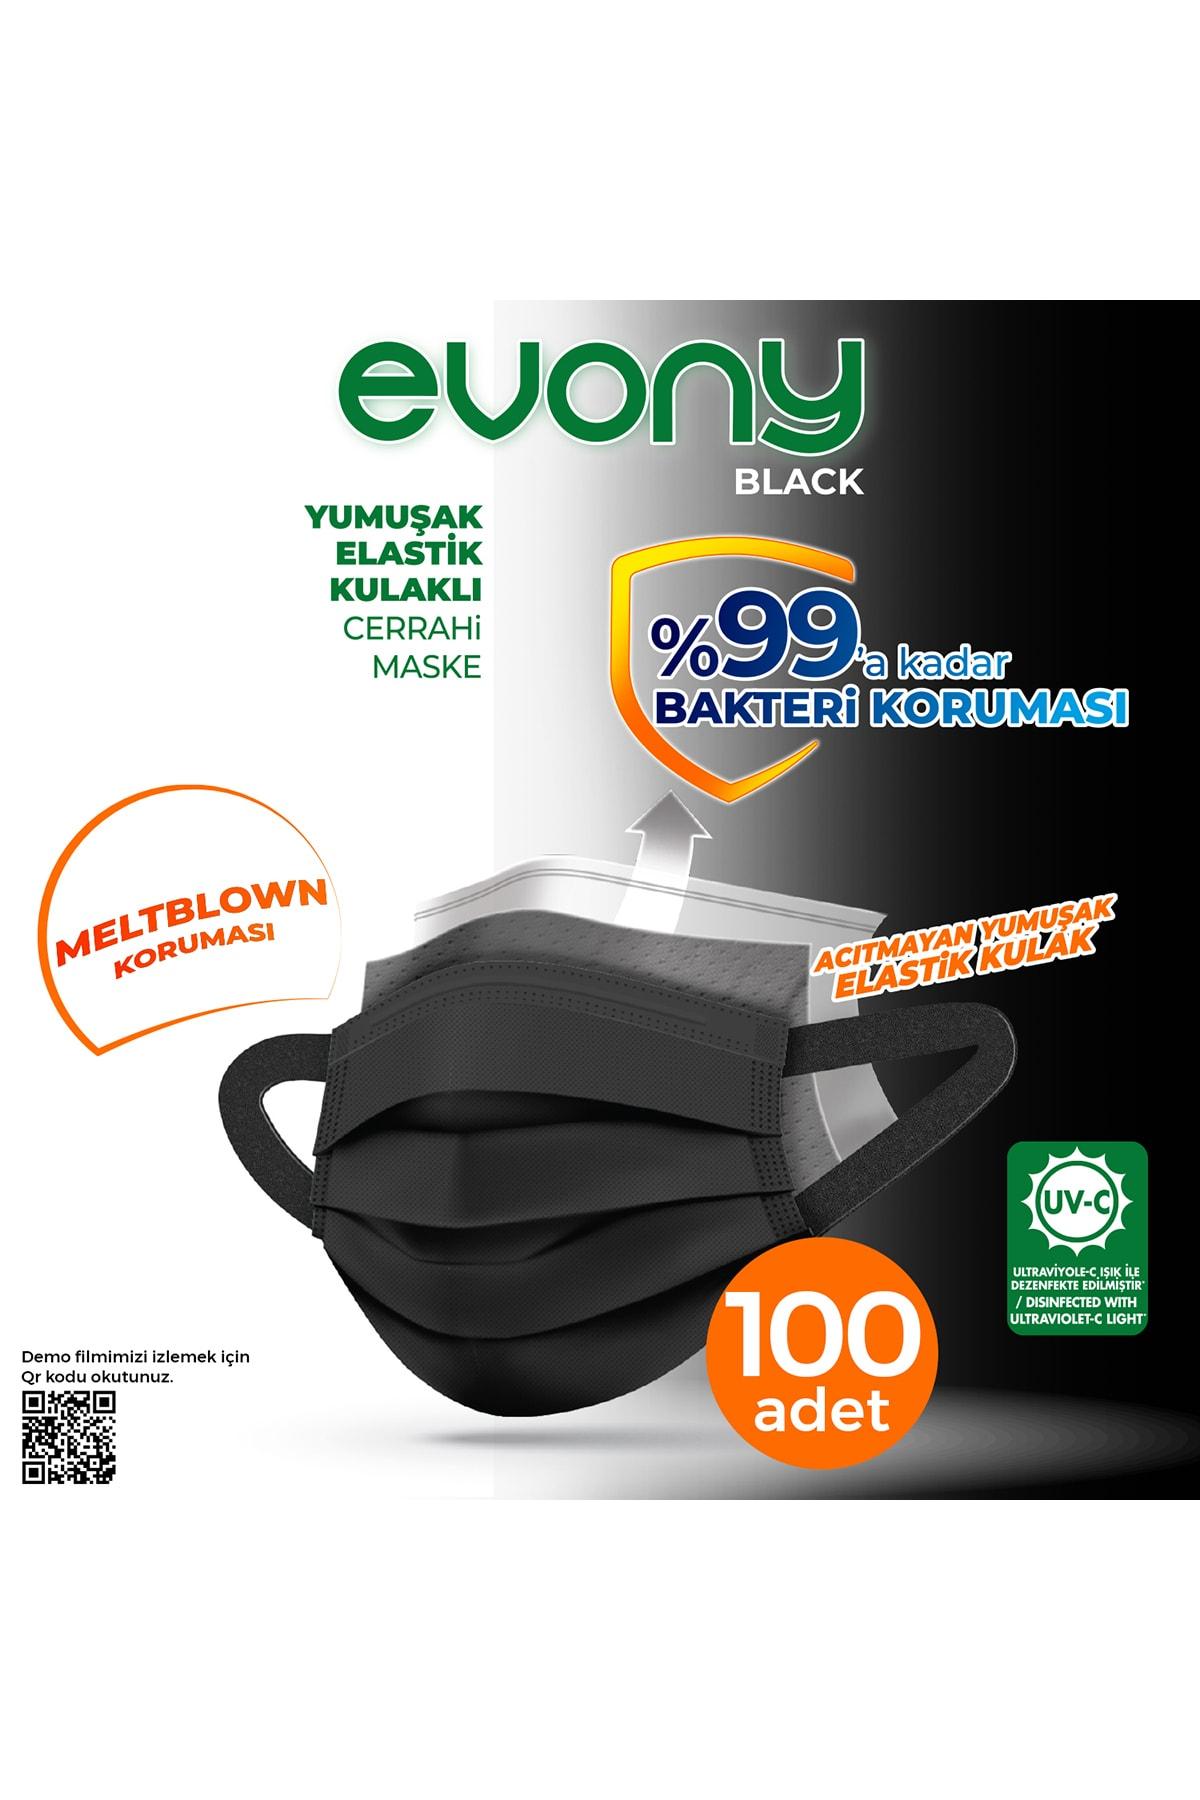 Evony Siyah Elastik Kulaklı Maske 100 Adet 1